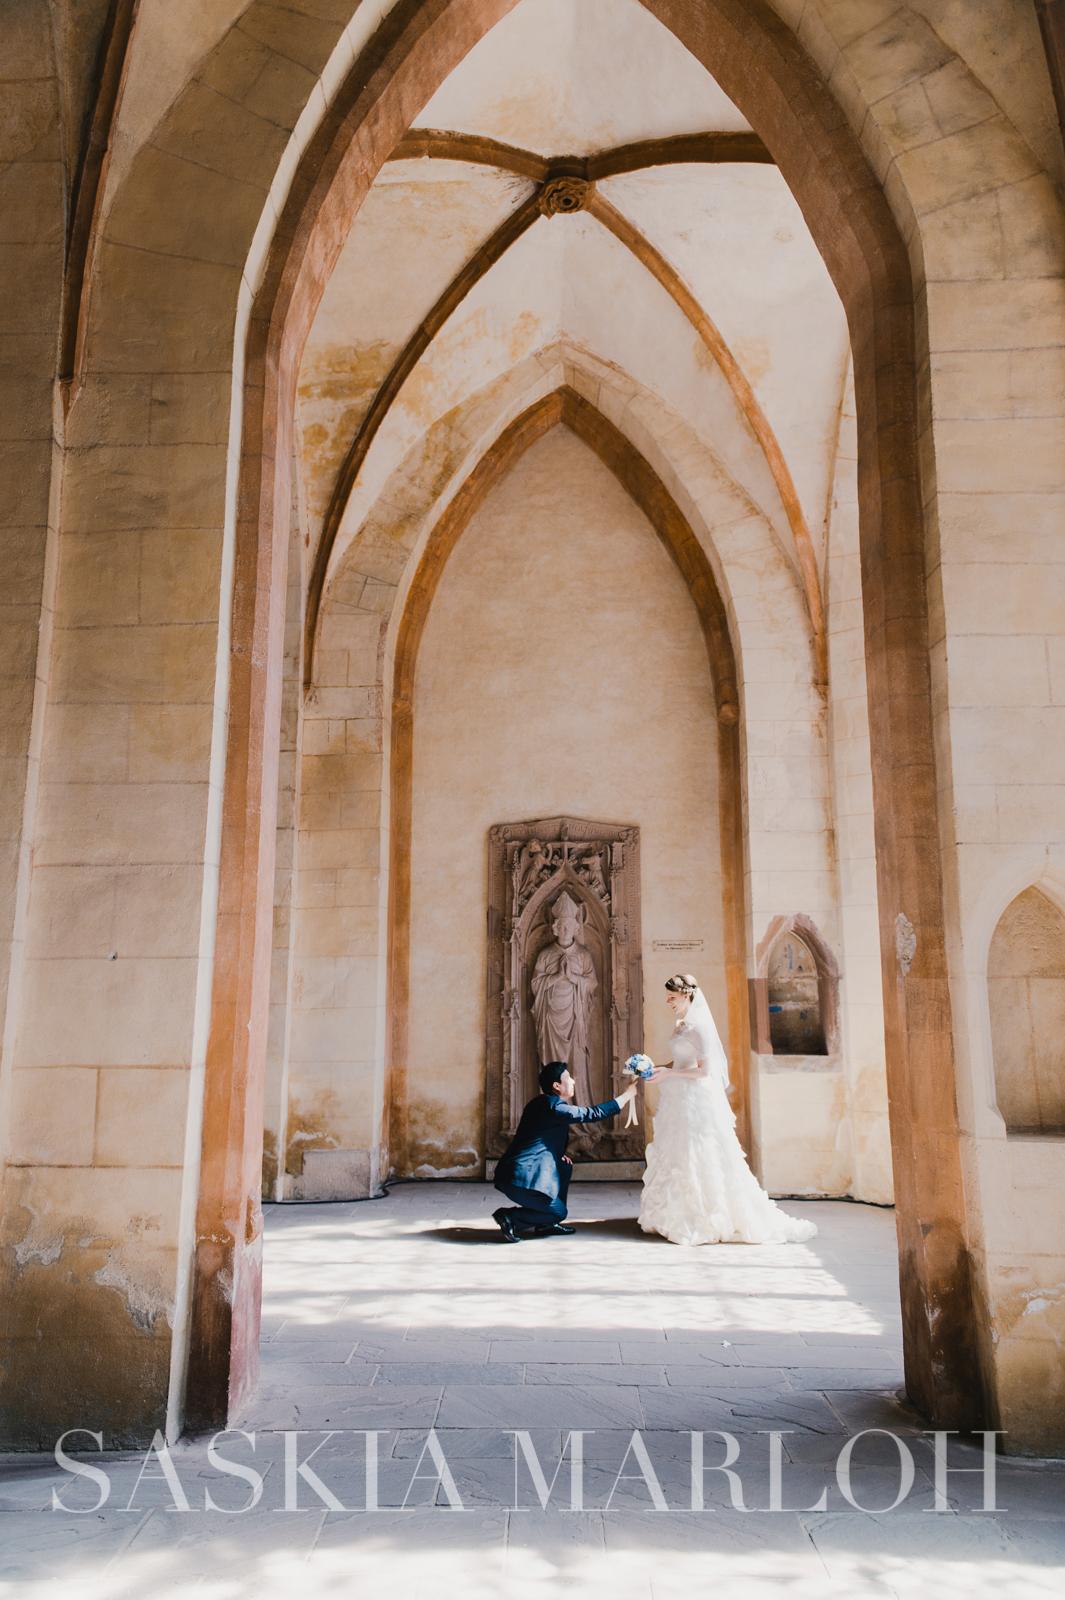 KLOSTER-EBERBACH-GERMAN-JAPANESE-WEDDING-HOCHZEIT-FOTO-PHOTO-SASKIA-MARLOH-03